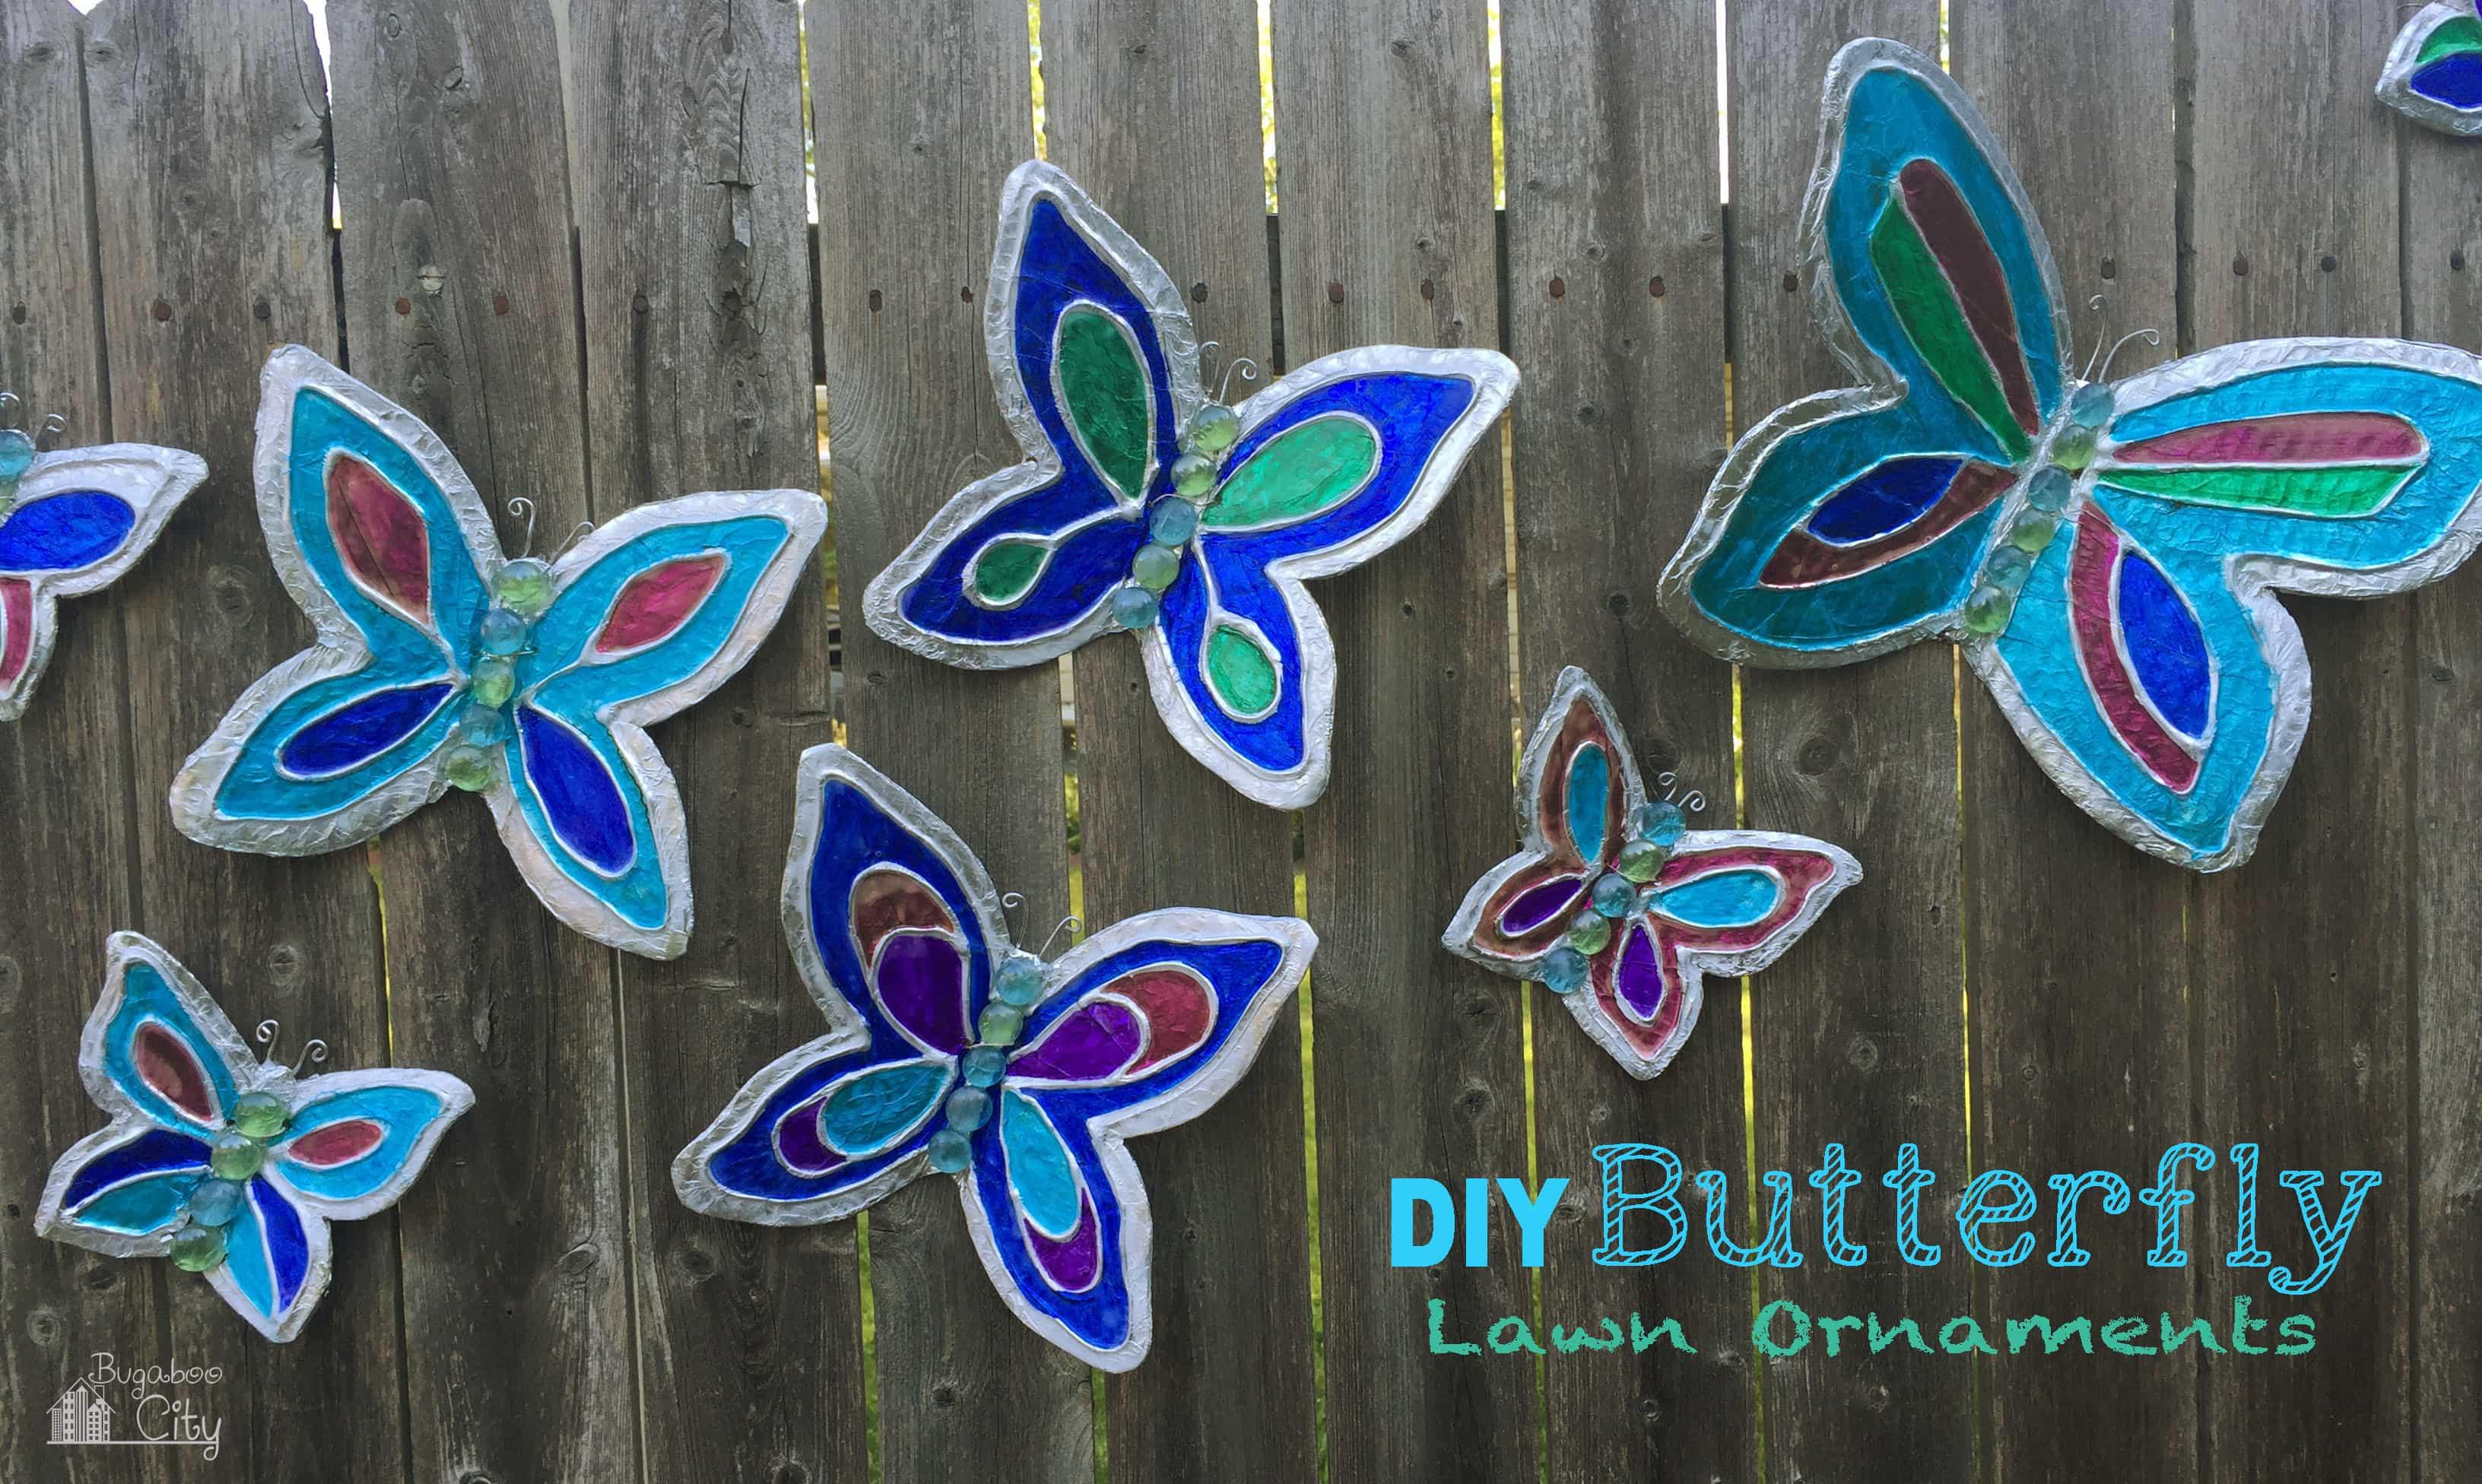 Butterfly lawn ornaments - Diy Butterfly Template Printable Diy Butterfly Garden Ornament